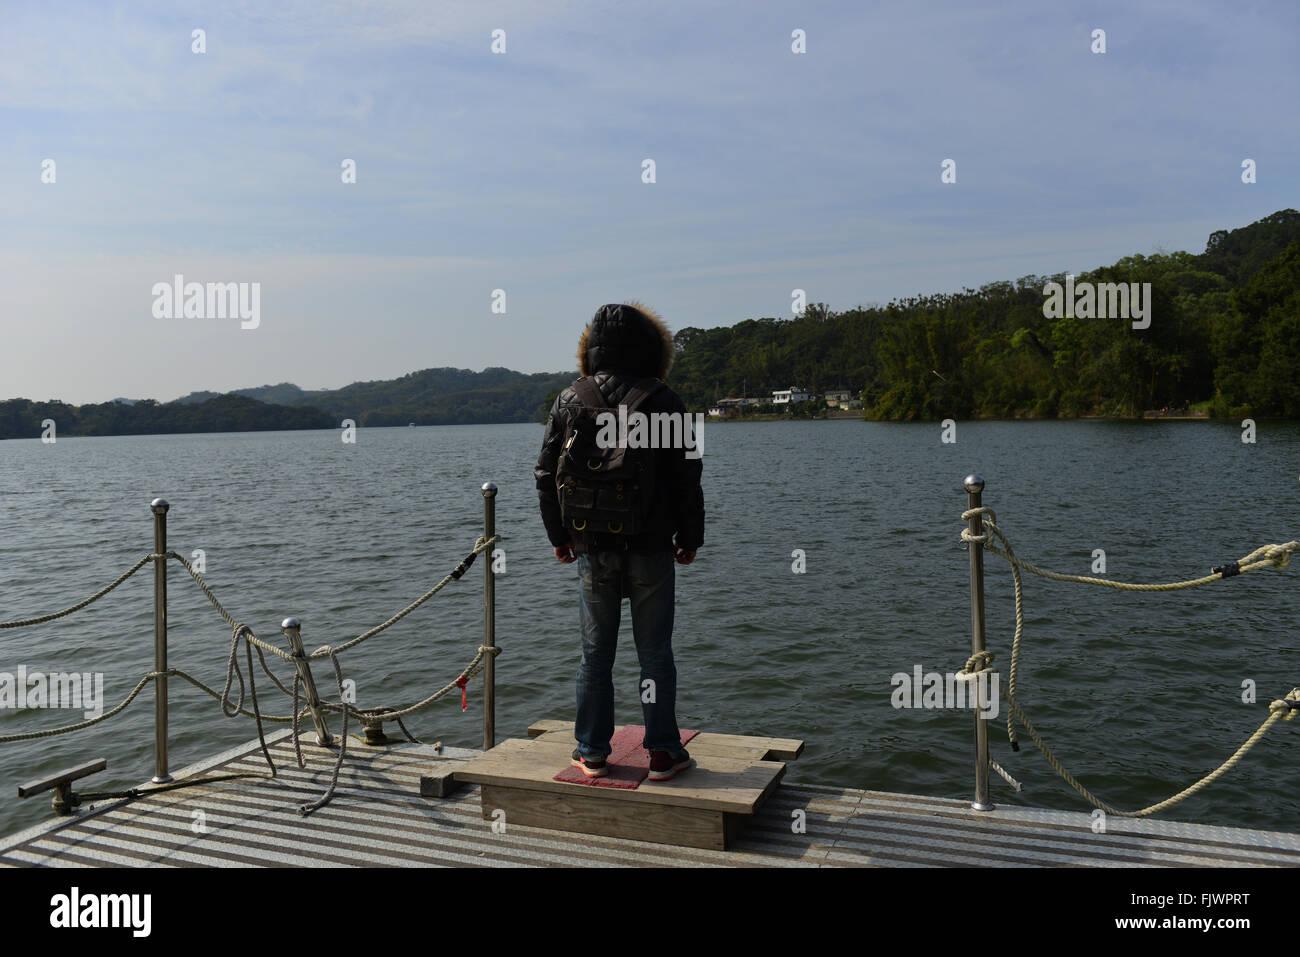 waiting - Stock Image